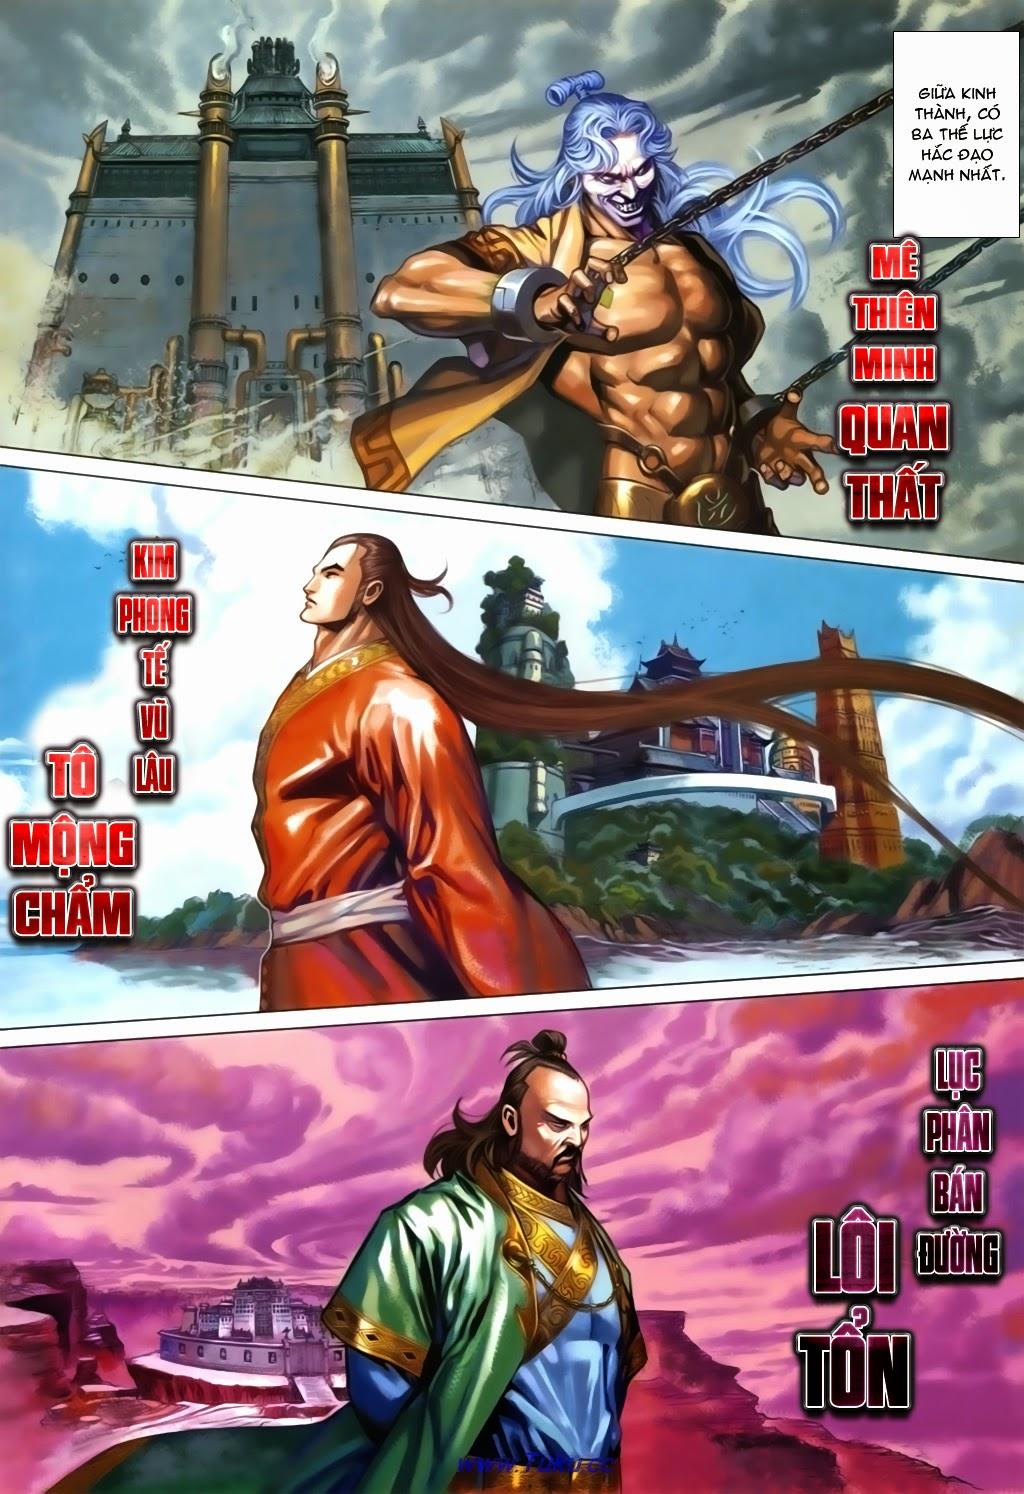 Thuyết Anh Hùng Thùy Thị Anh Hùng chap 16 Trang 3 - Mangak.info